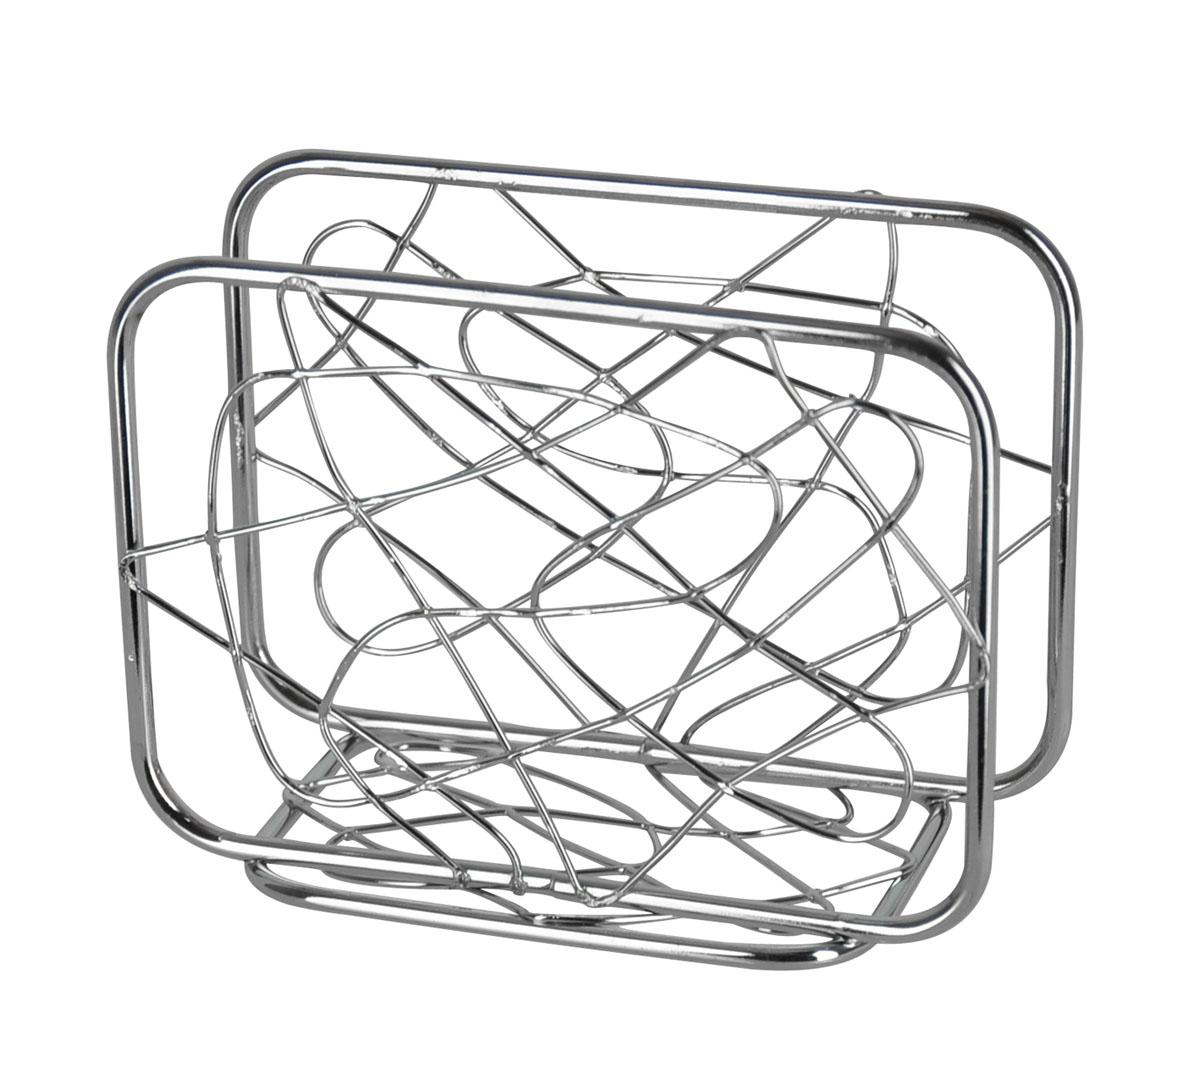 Салфетница Trina. 93-TR-02-0693-TR-02-06Салфетница Trina - это целое произведение искусства выполненное из прутка. Замысловатые завитки позволяют выглядеть салфетнице очень стильно и воздушно. Приобретите этот предмет сервироки и увидите, как приобразиться Ваш стол. Характеристики: Материал: хромированная сталь. Размер: 12 см х 9 см х 6 см. Размер упаковки: 12,5 см х 9,5 см х 6,5 см. Производитель: Италия. Артикул: 93-TR-02-06.